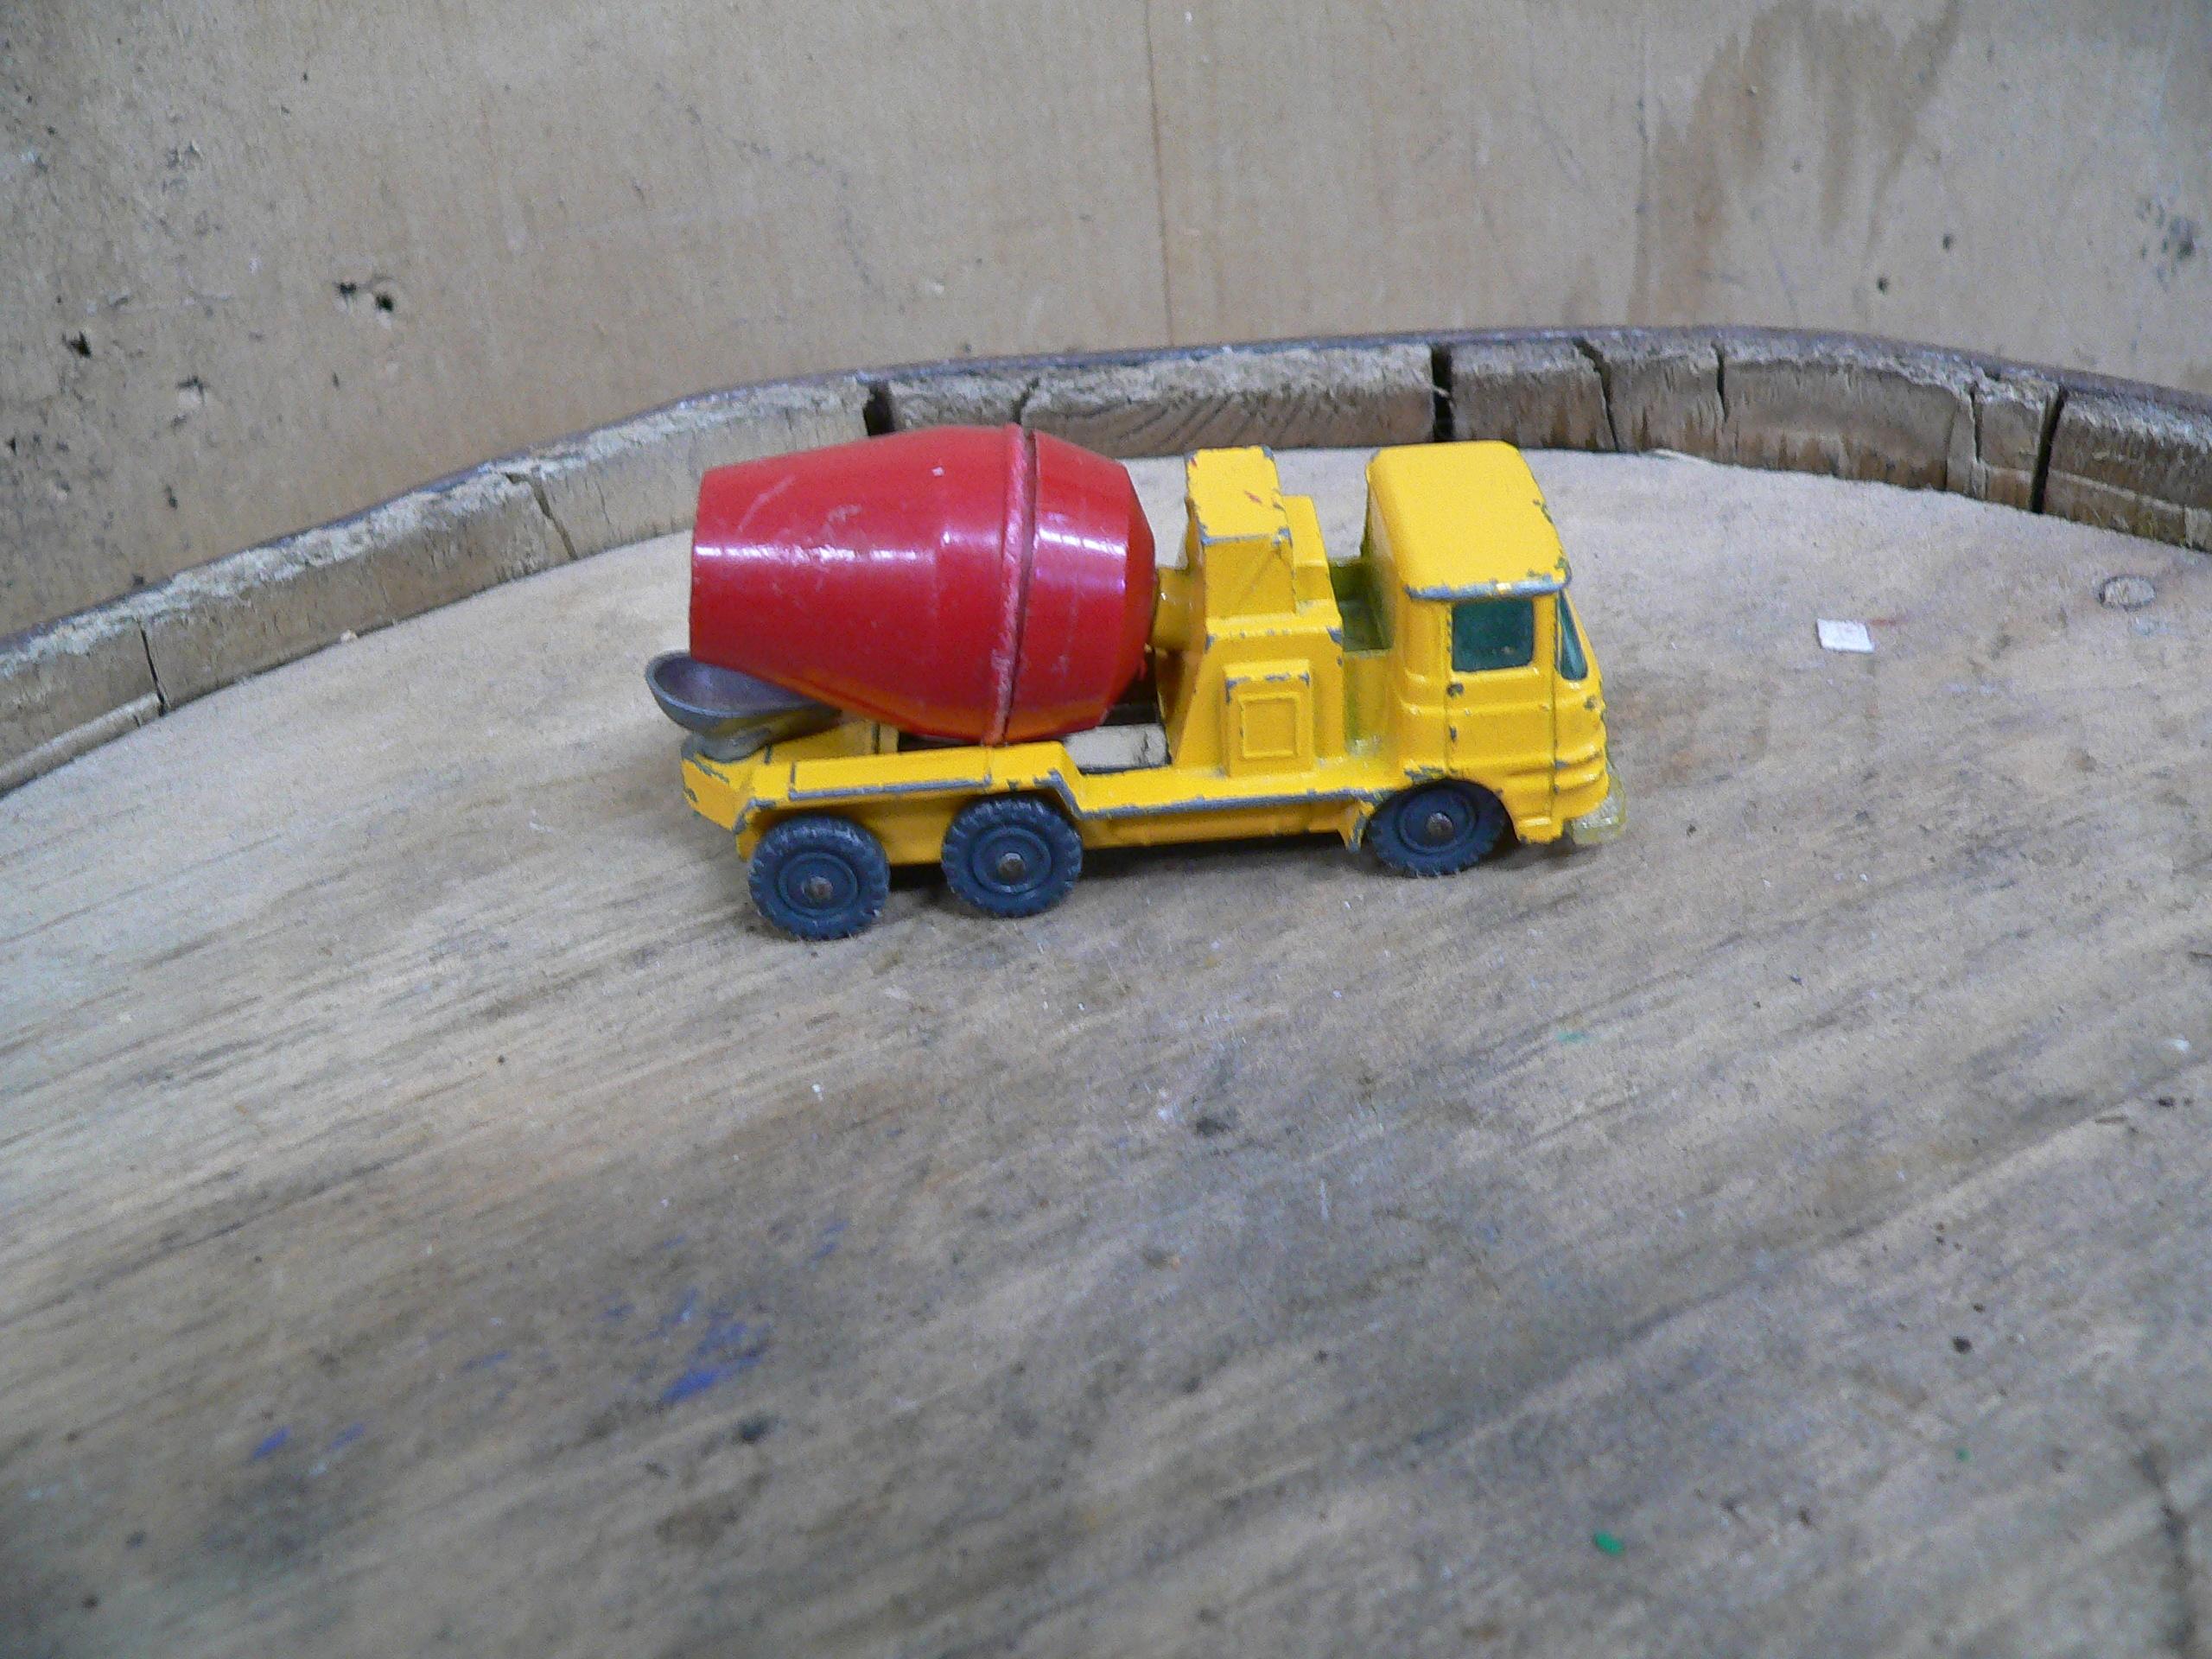 Camion husky ciment # 5374.18